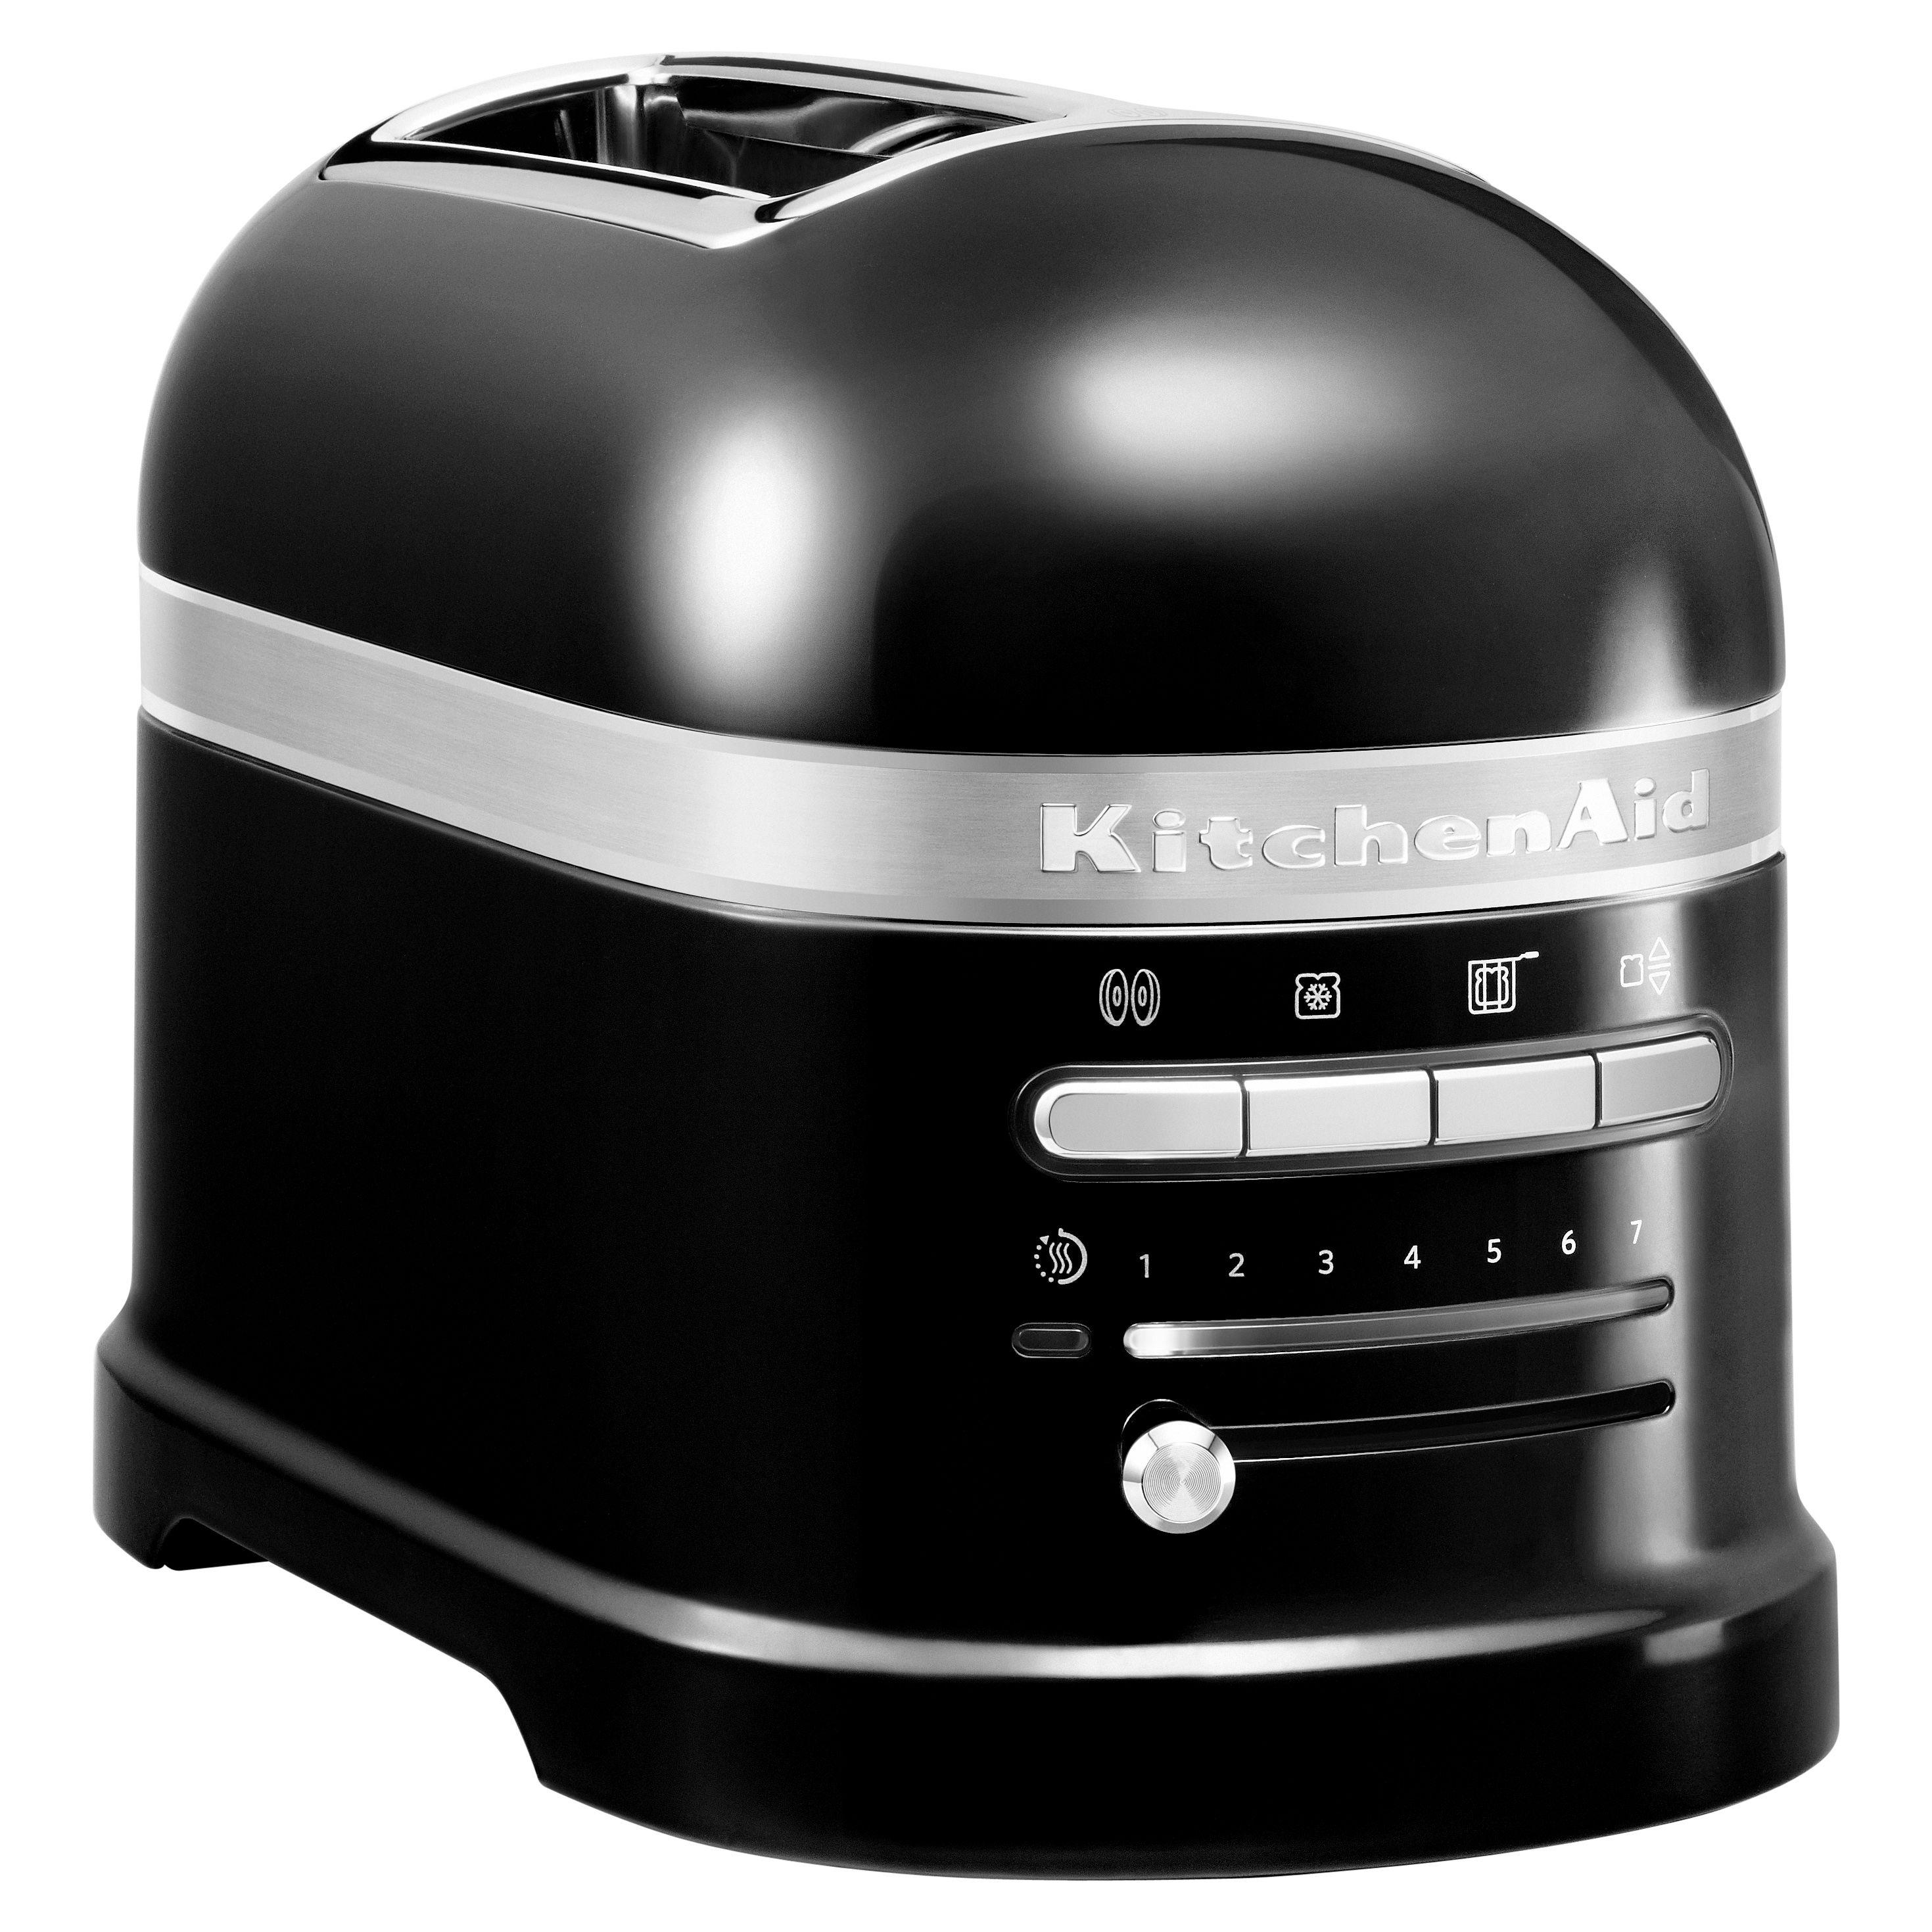 Cuisine - Electroménager - Grille-pain Artisan / 2 tranches - Capteur de chaleur électronique - KitchenAid - Noir onyx - Aluminium moulé